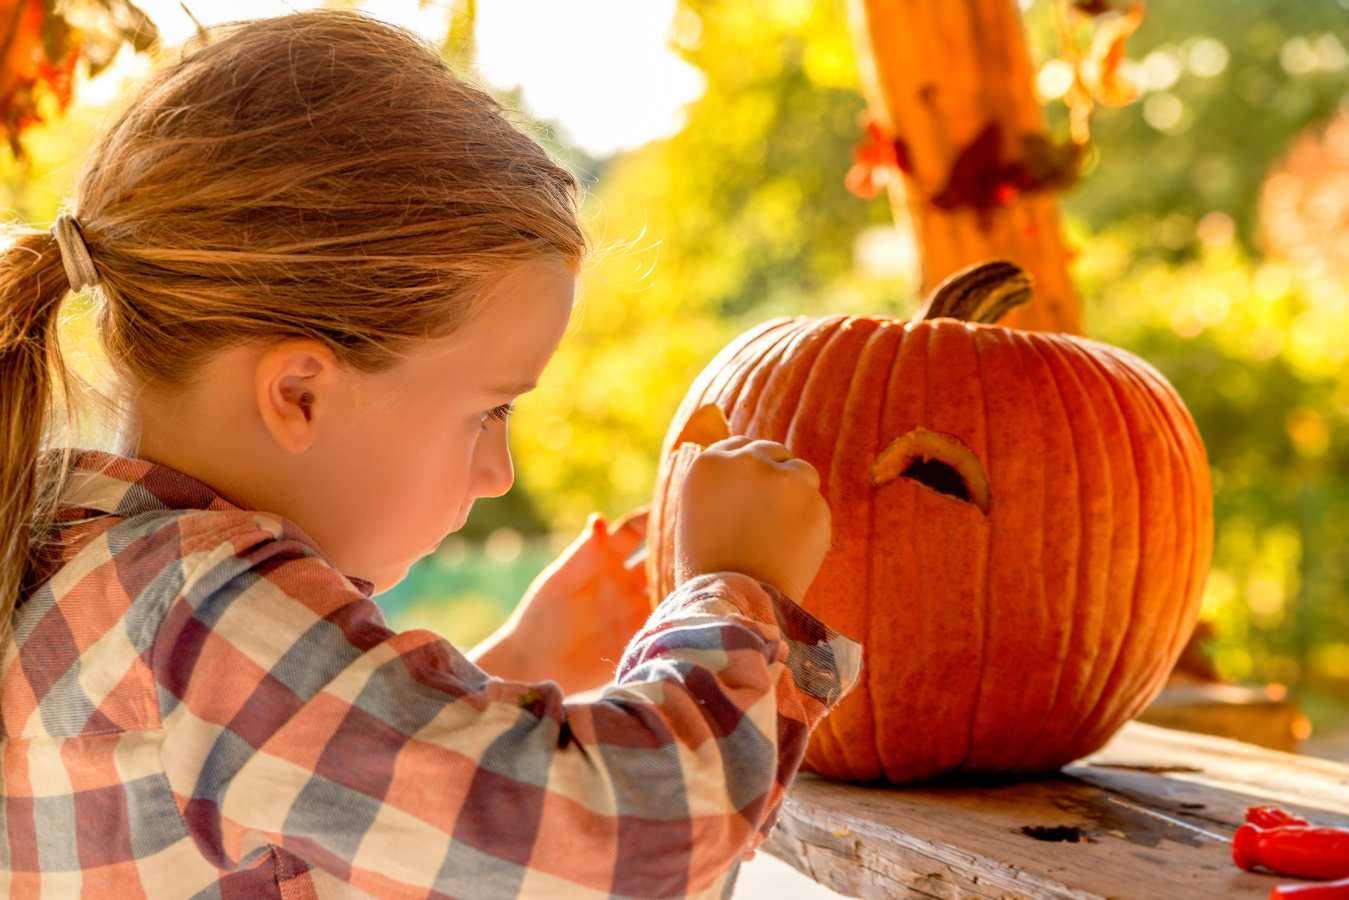 Wielkie odliczanie do Halloween 2021: Kiedy jest Halloween w 2021?